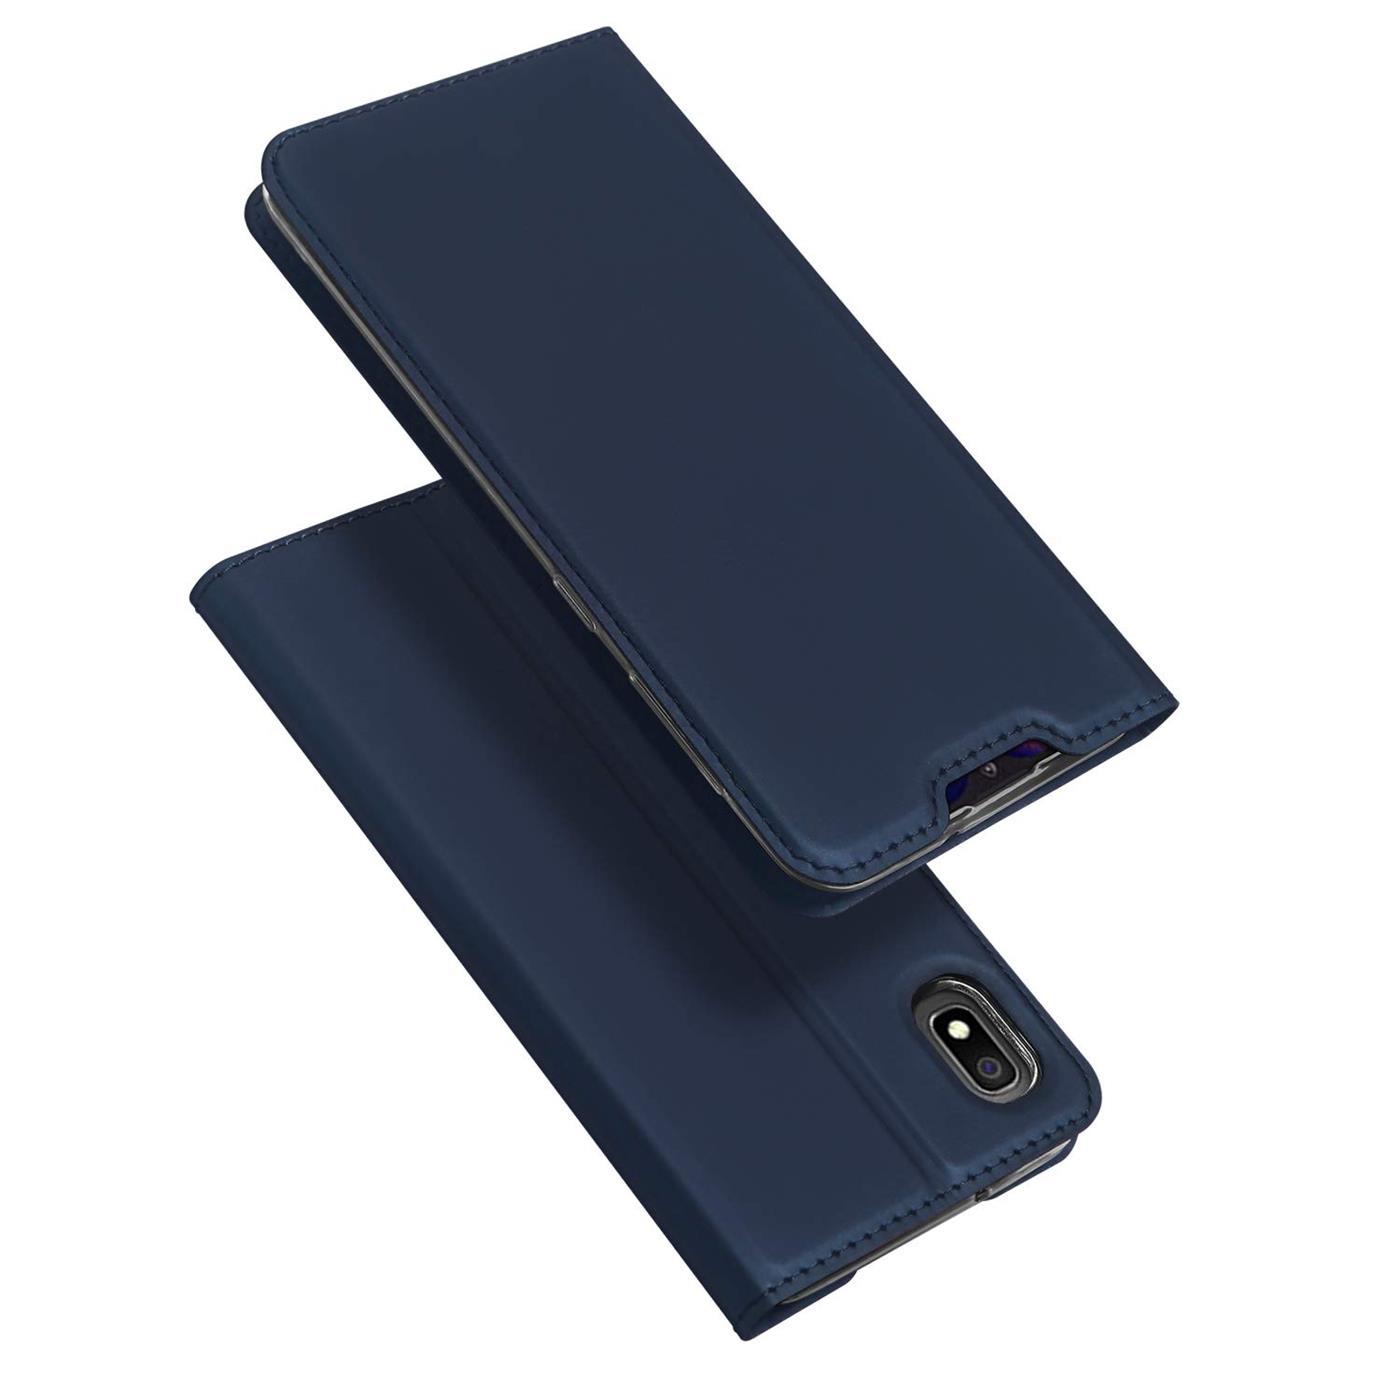 Samsung-Galaxy-A10-Handy-Schutz-Huelle-Tasche-Flip-Case-Klapphuelle-Schutzhuelle Indexbild 13